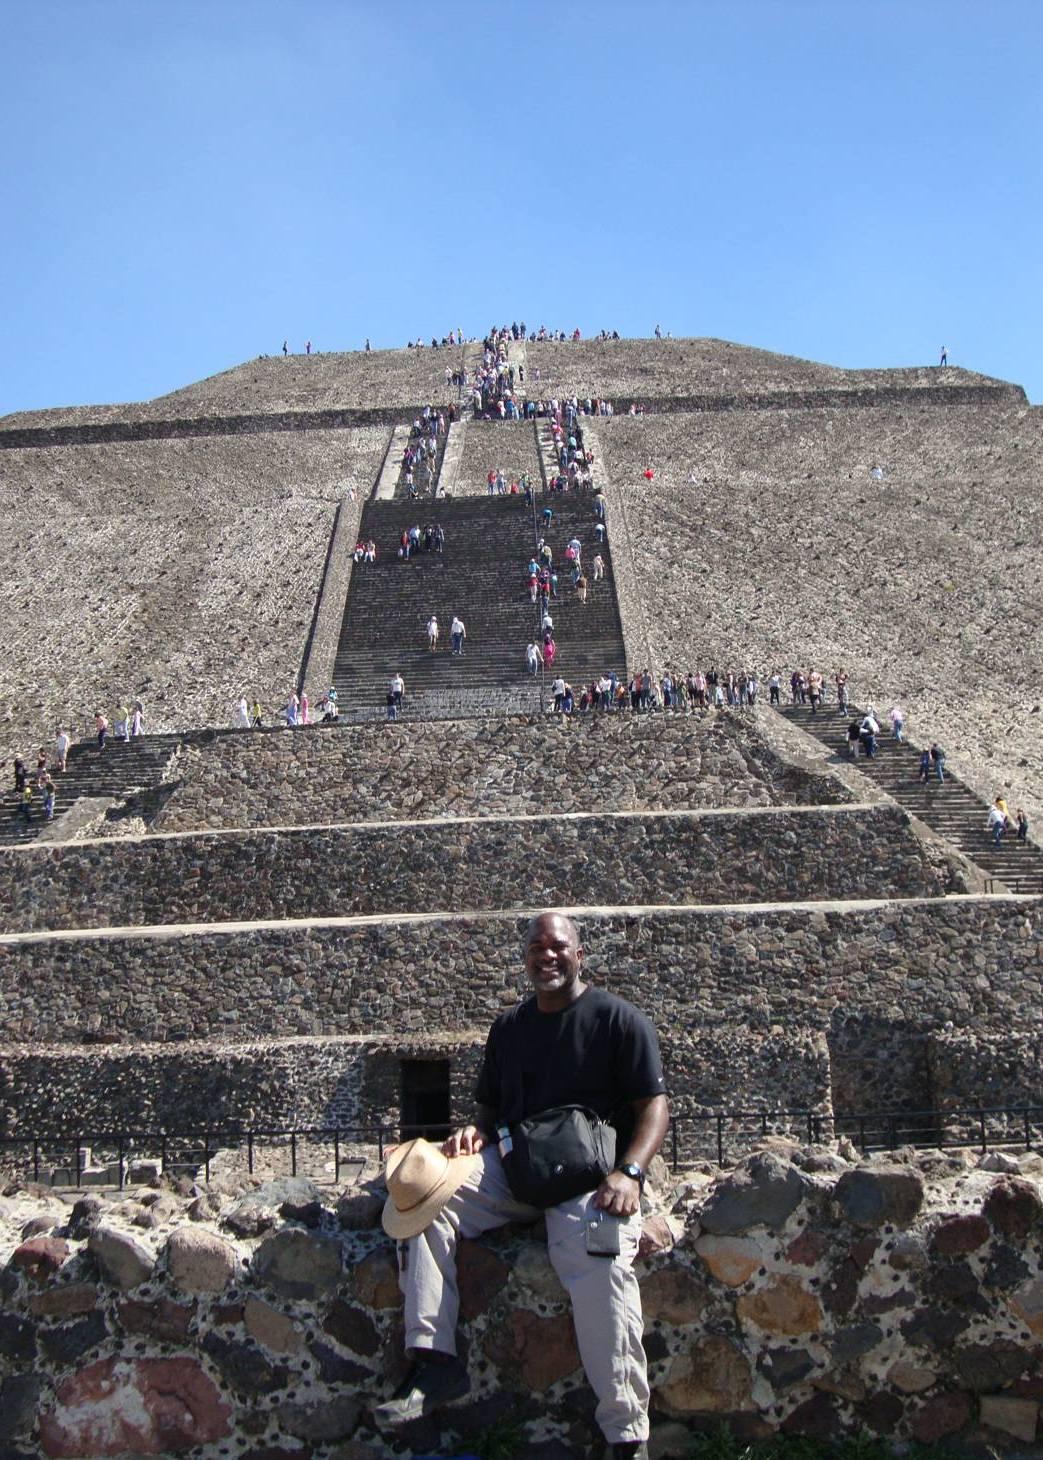 Consumer Photo - Mexico